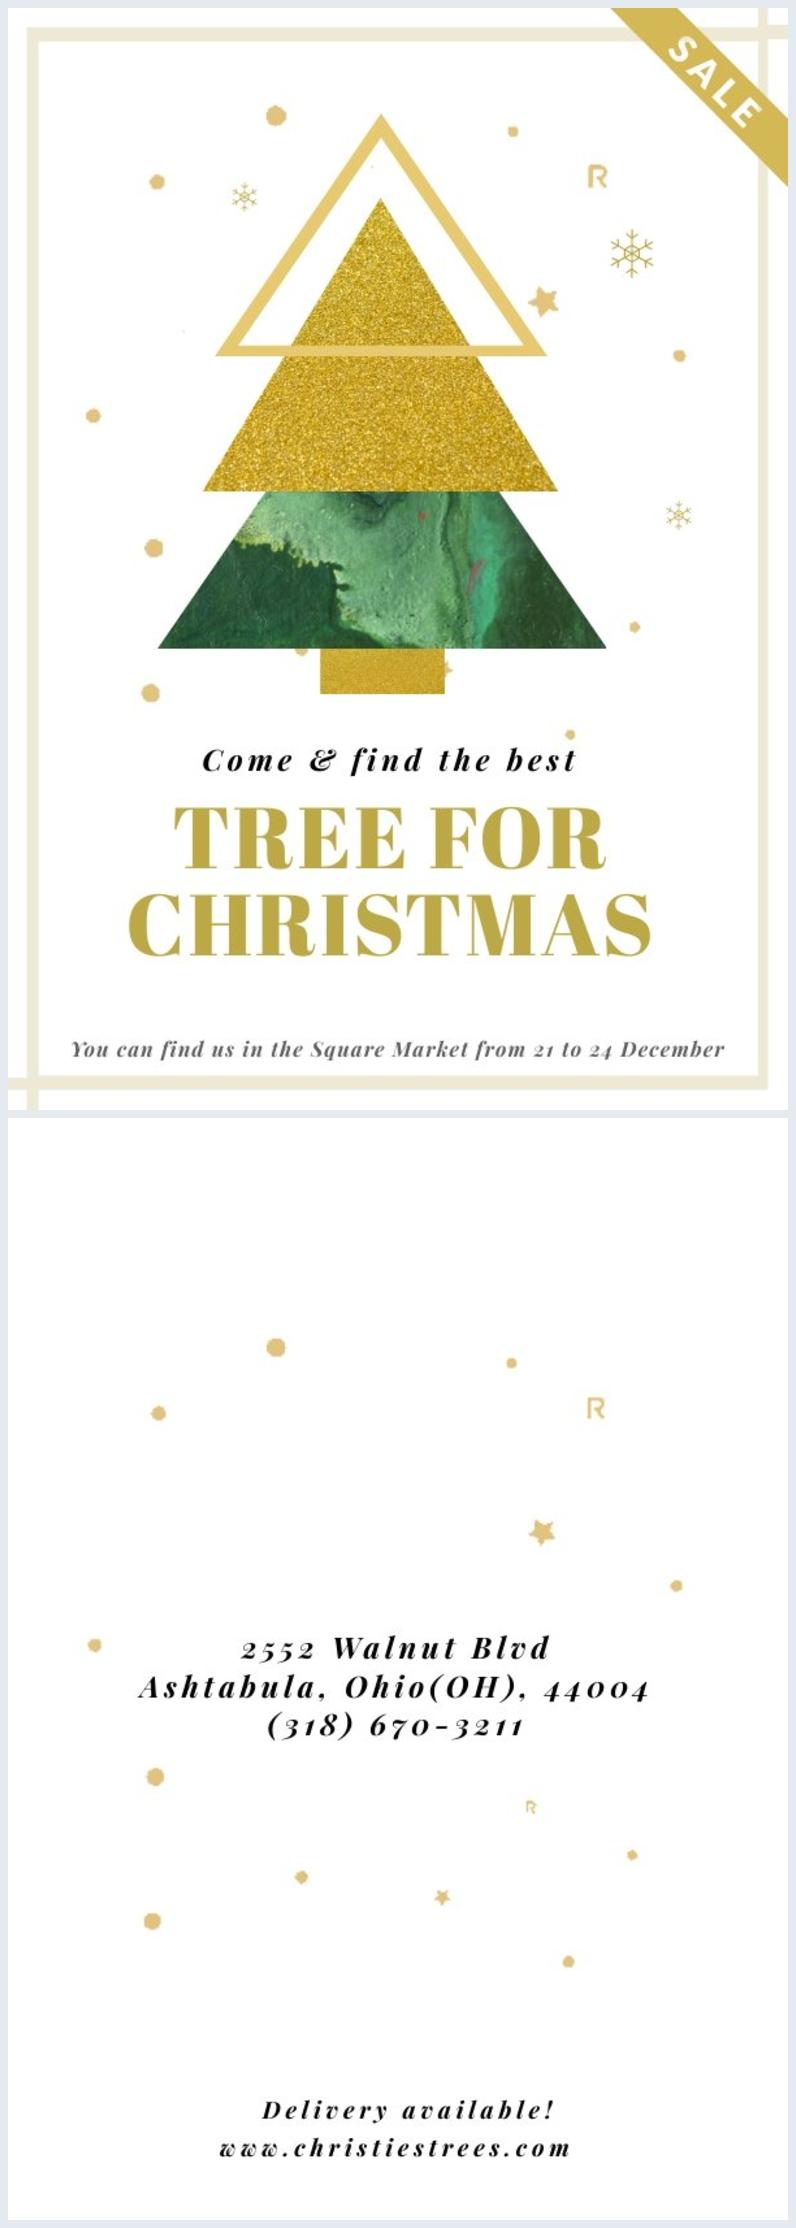 Inspiração para Design de Folheto de Loja de Árvore de Natal